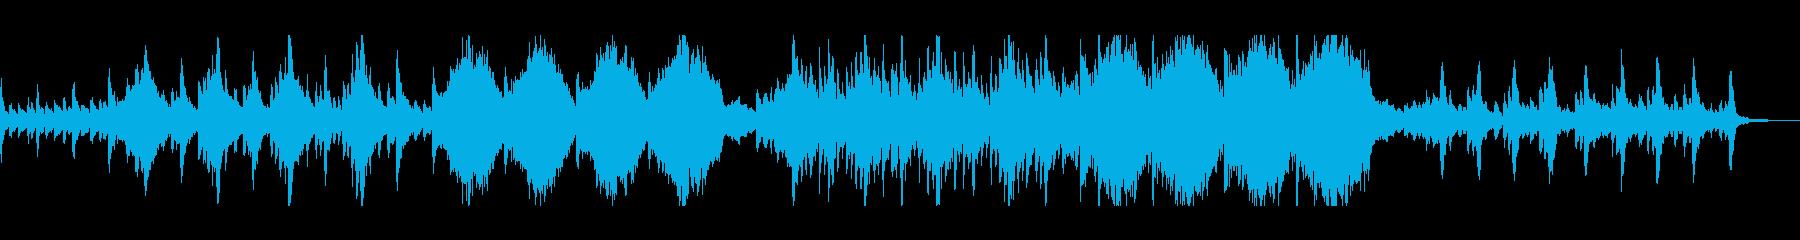 オーケストラ楽器。渦巻く魔法のファ...の再生済みの波形